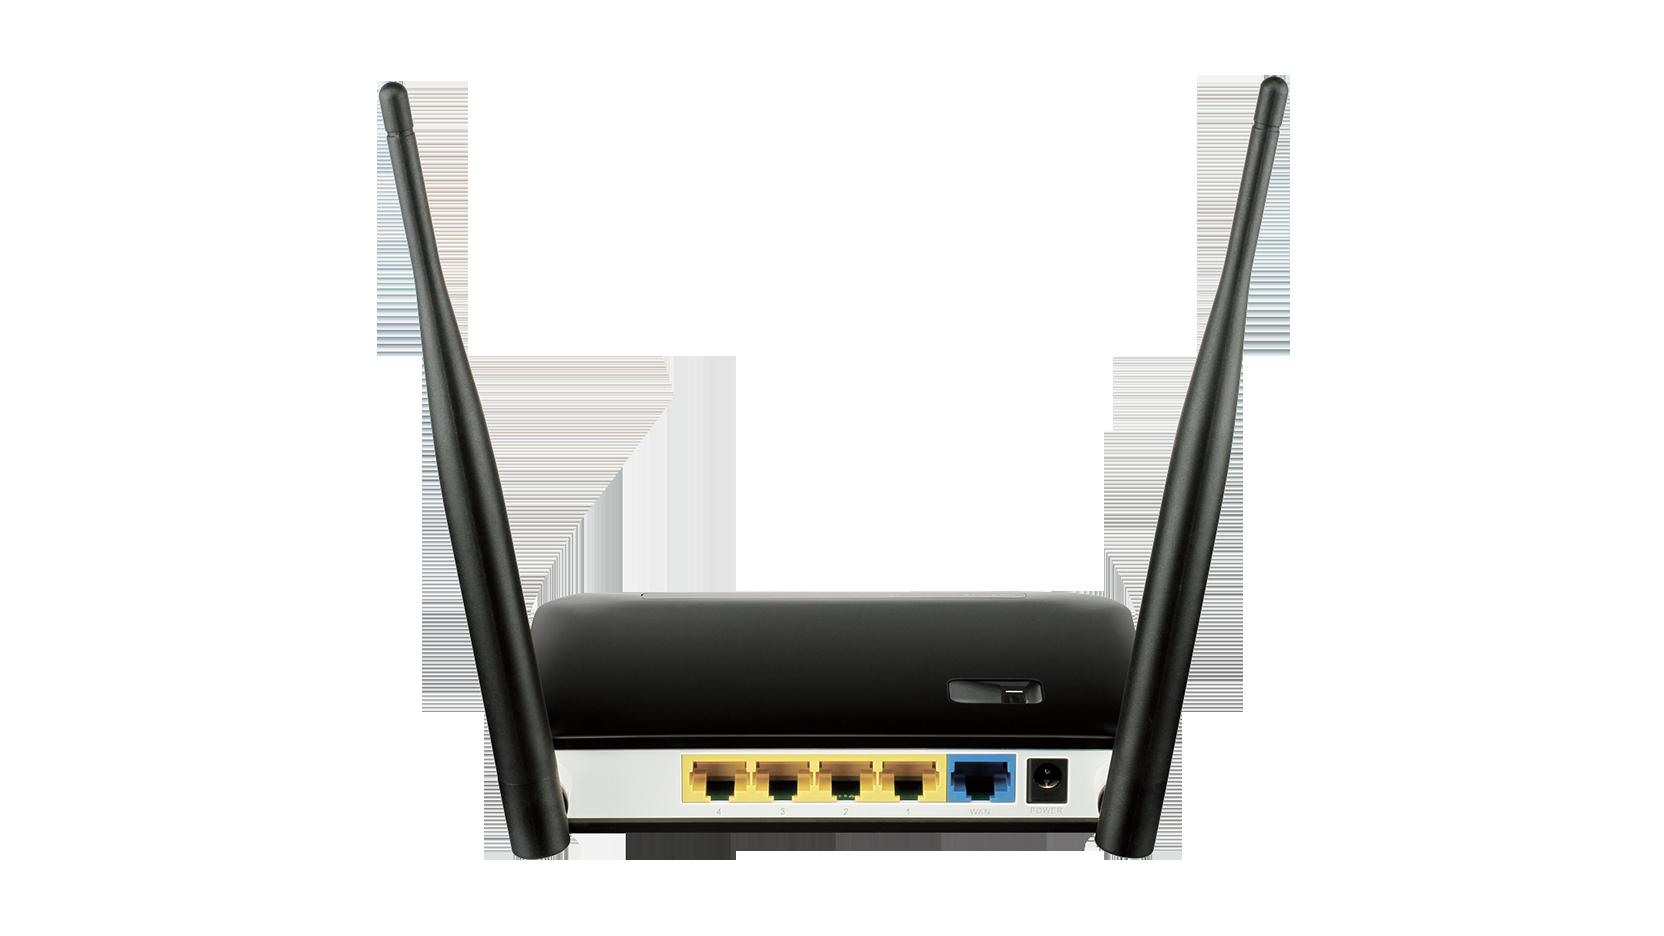 Thiết bị phát Wifi không dây tích hợp cổng USB 3/4G DLINK DWR-116